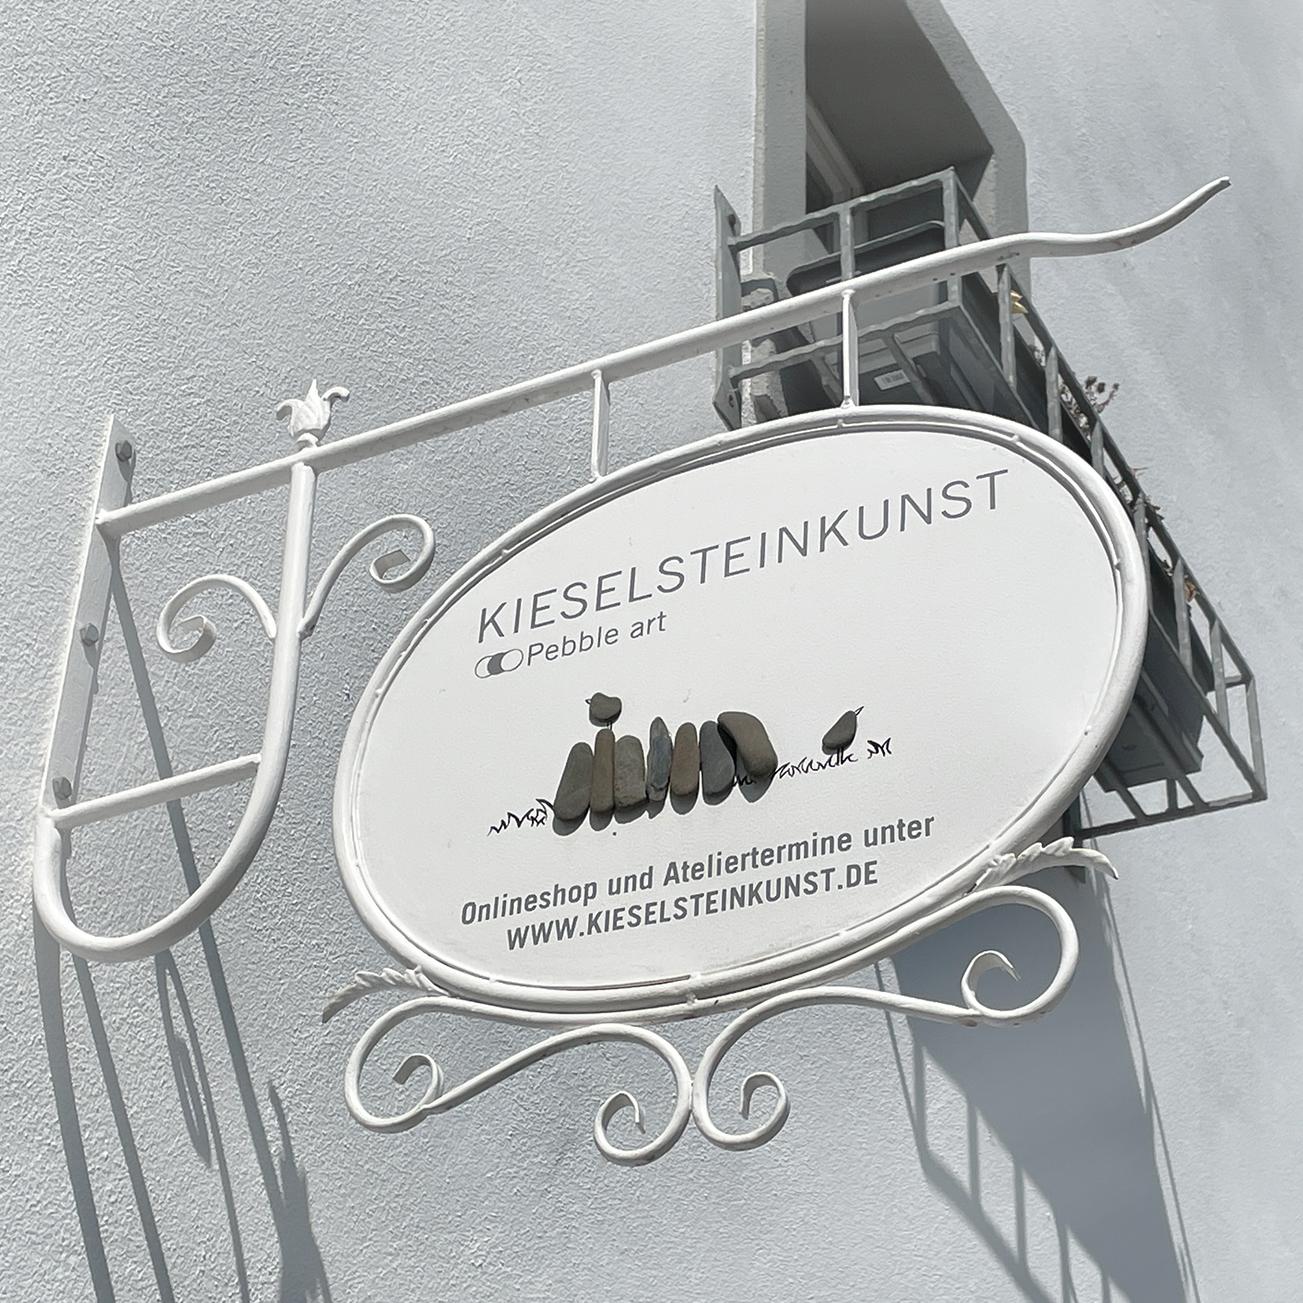 Atelier von Kieselsteinkunst by werbeschneckenart